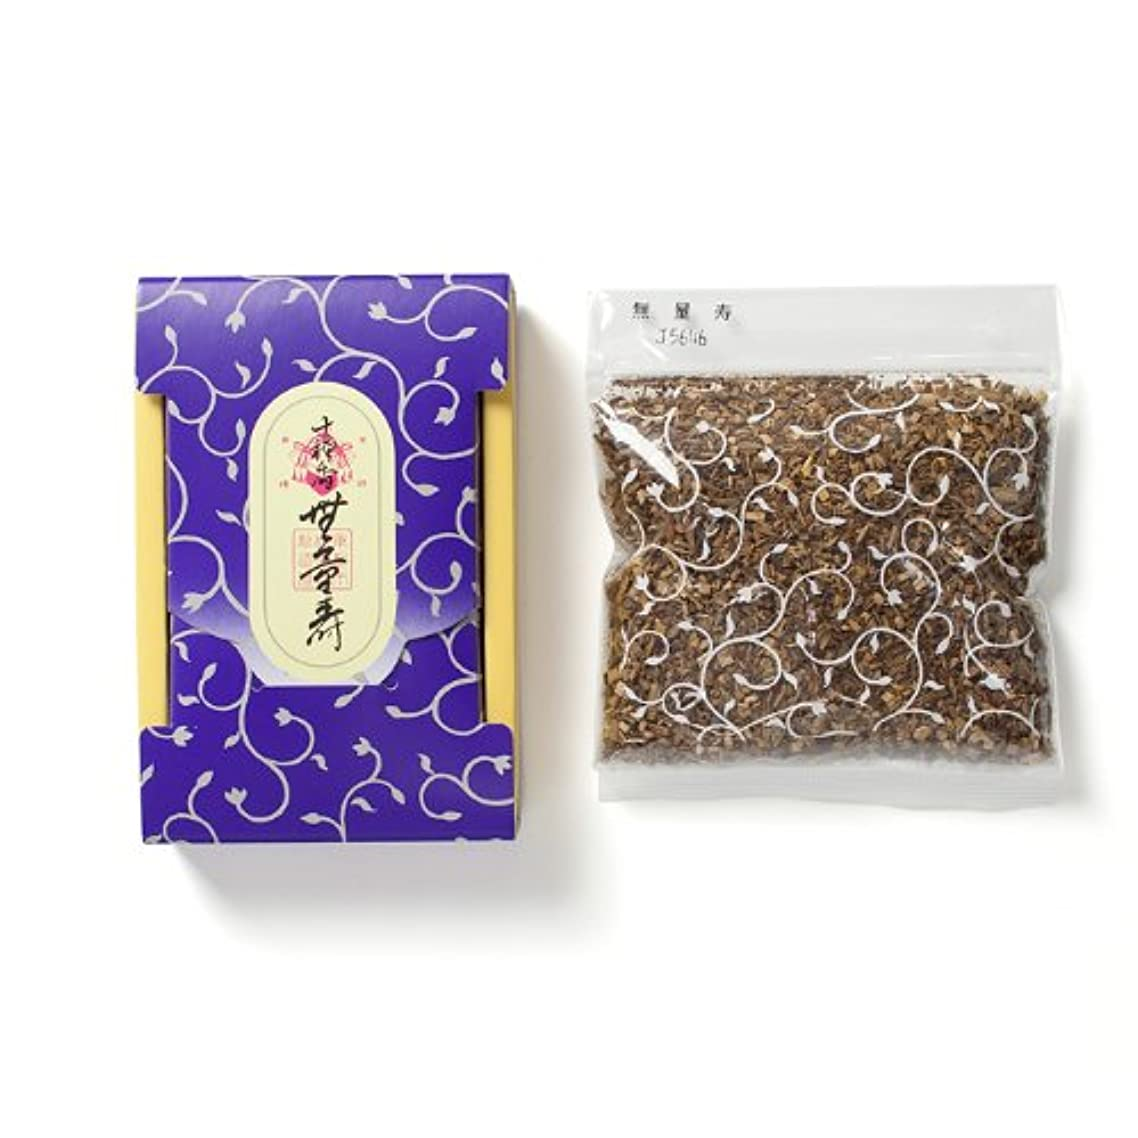 生物学防止儀式松栄堂のお焼香 十種香 無量寿 25g詰 小箱入 #410841